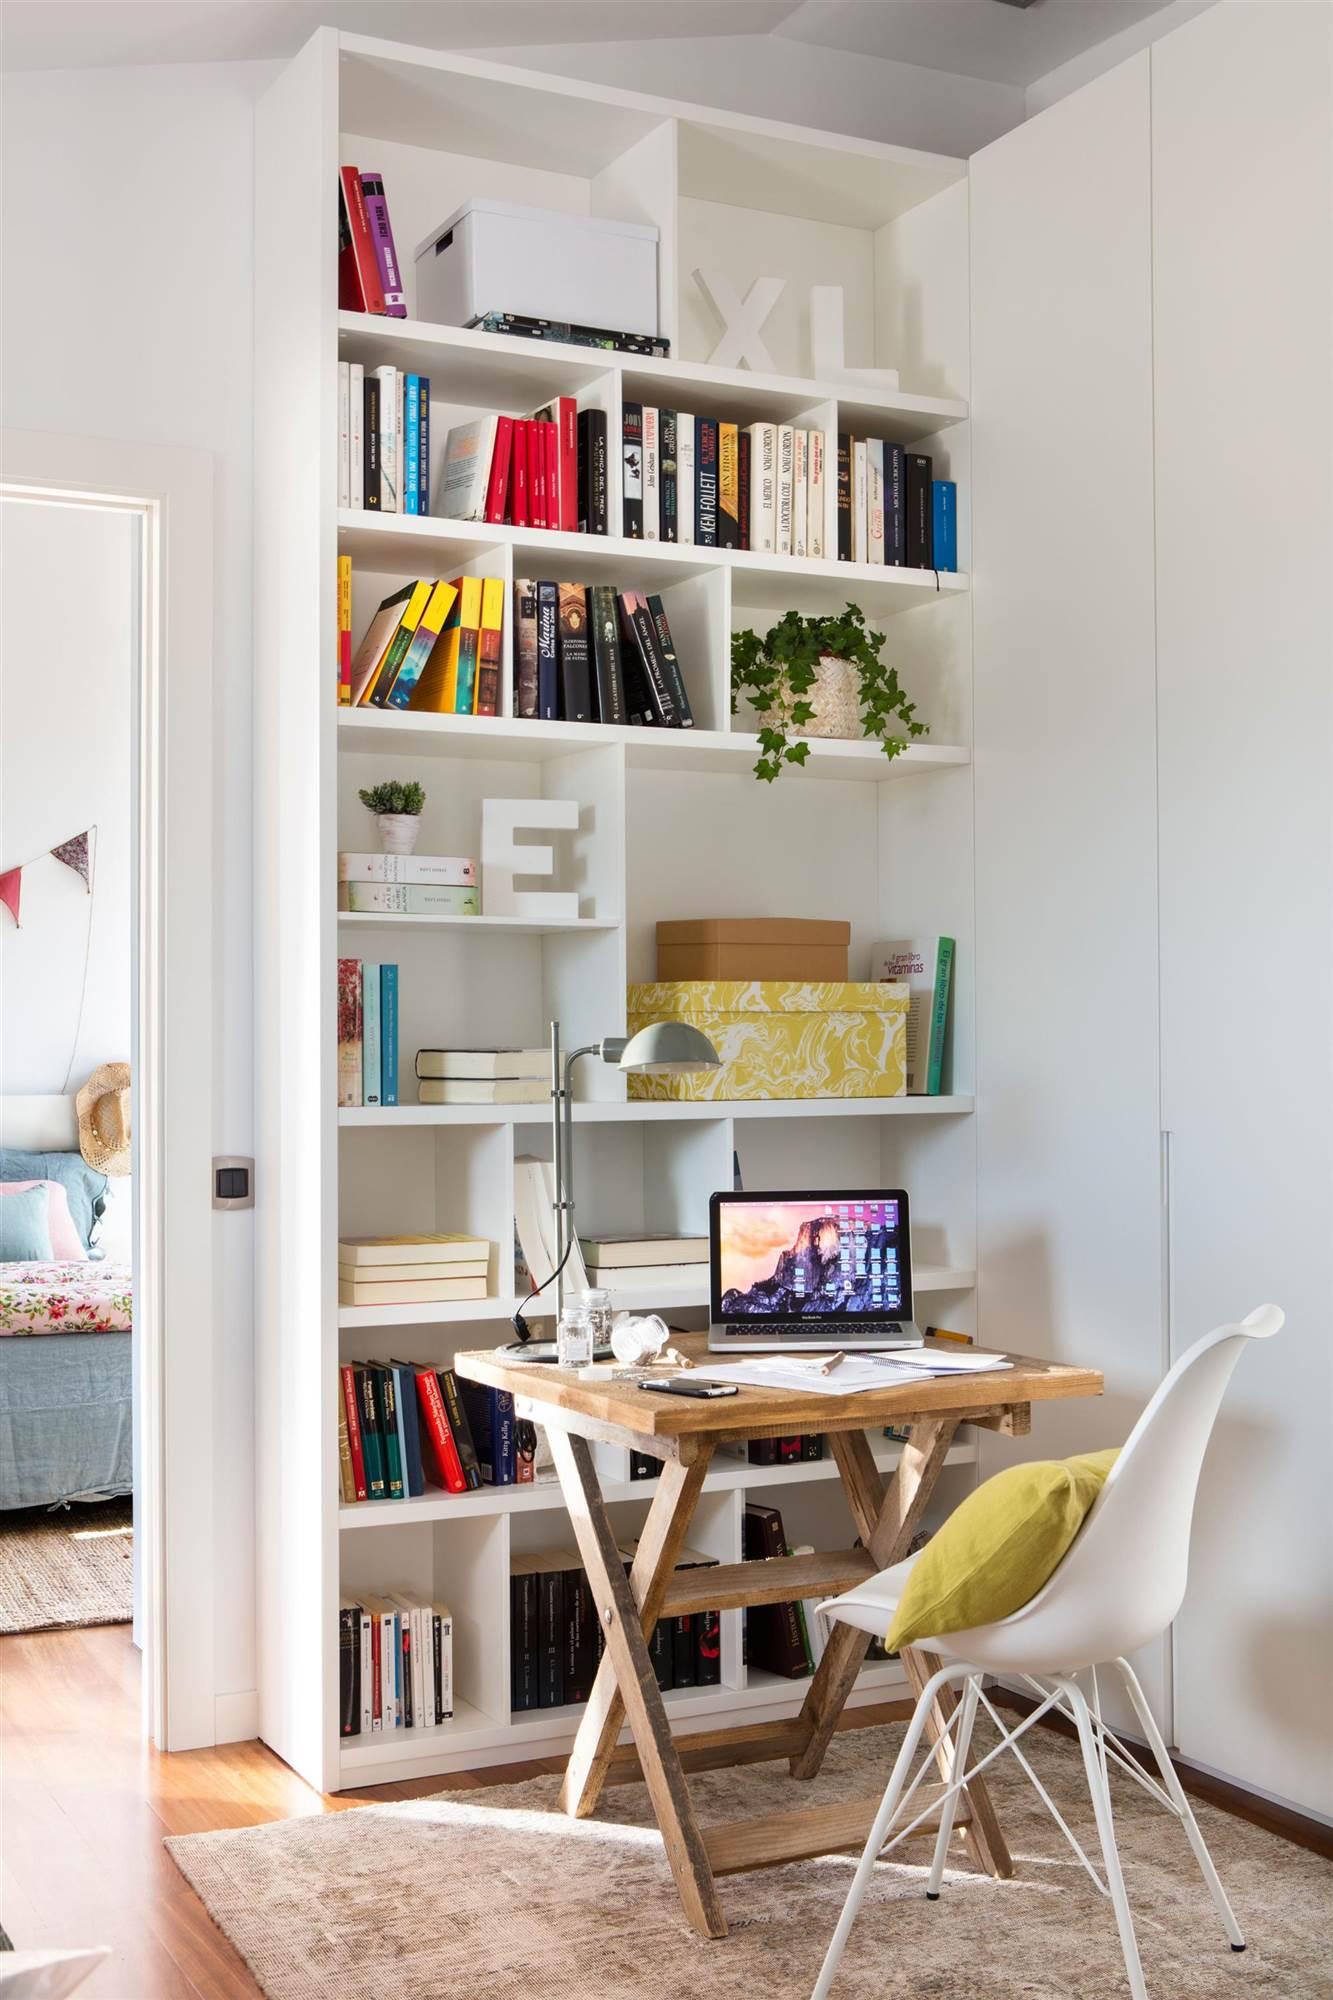 Librer as de todos los estilos en el mueble - Libros de decoracion de interiores ...